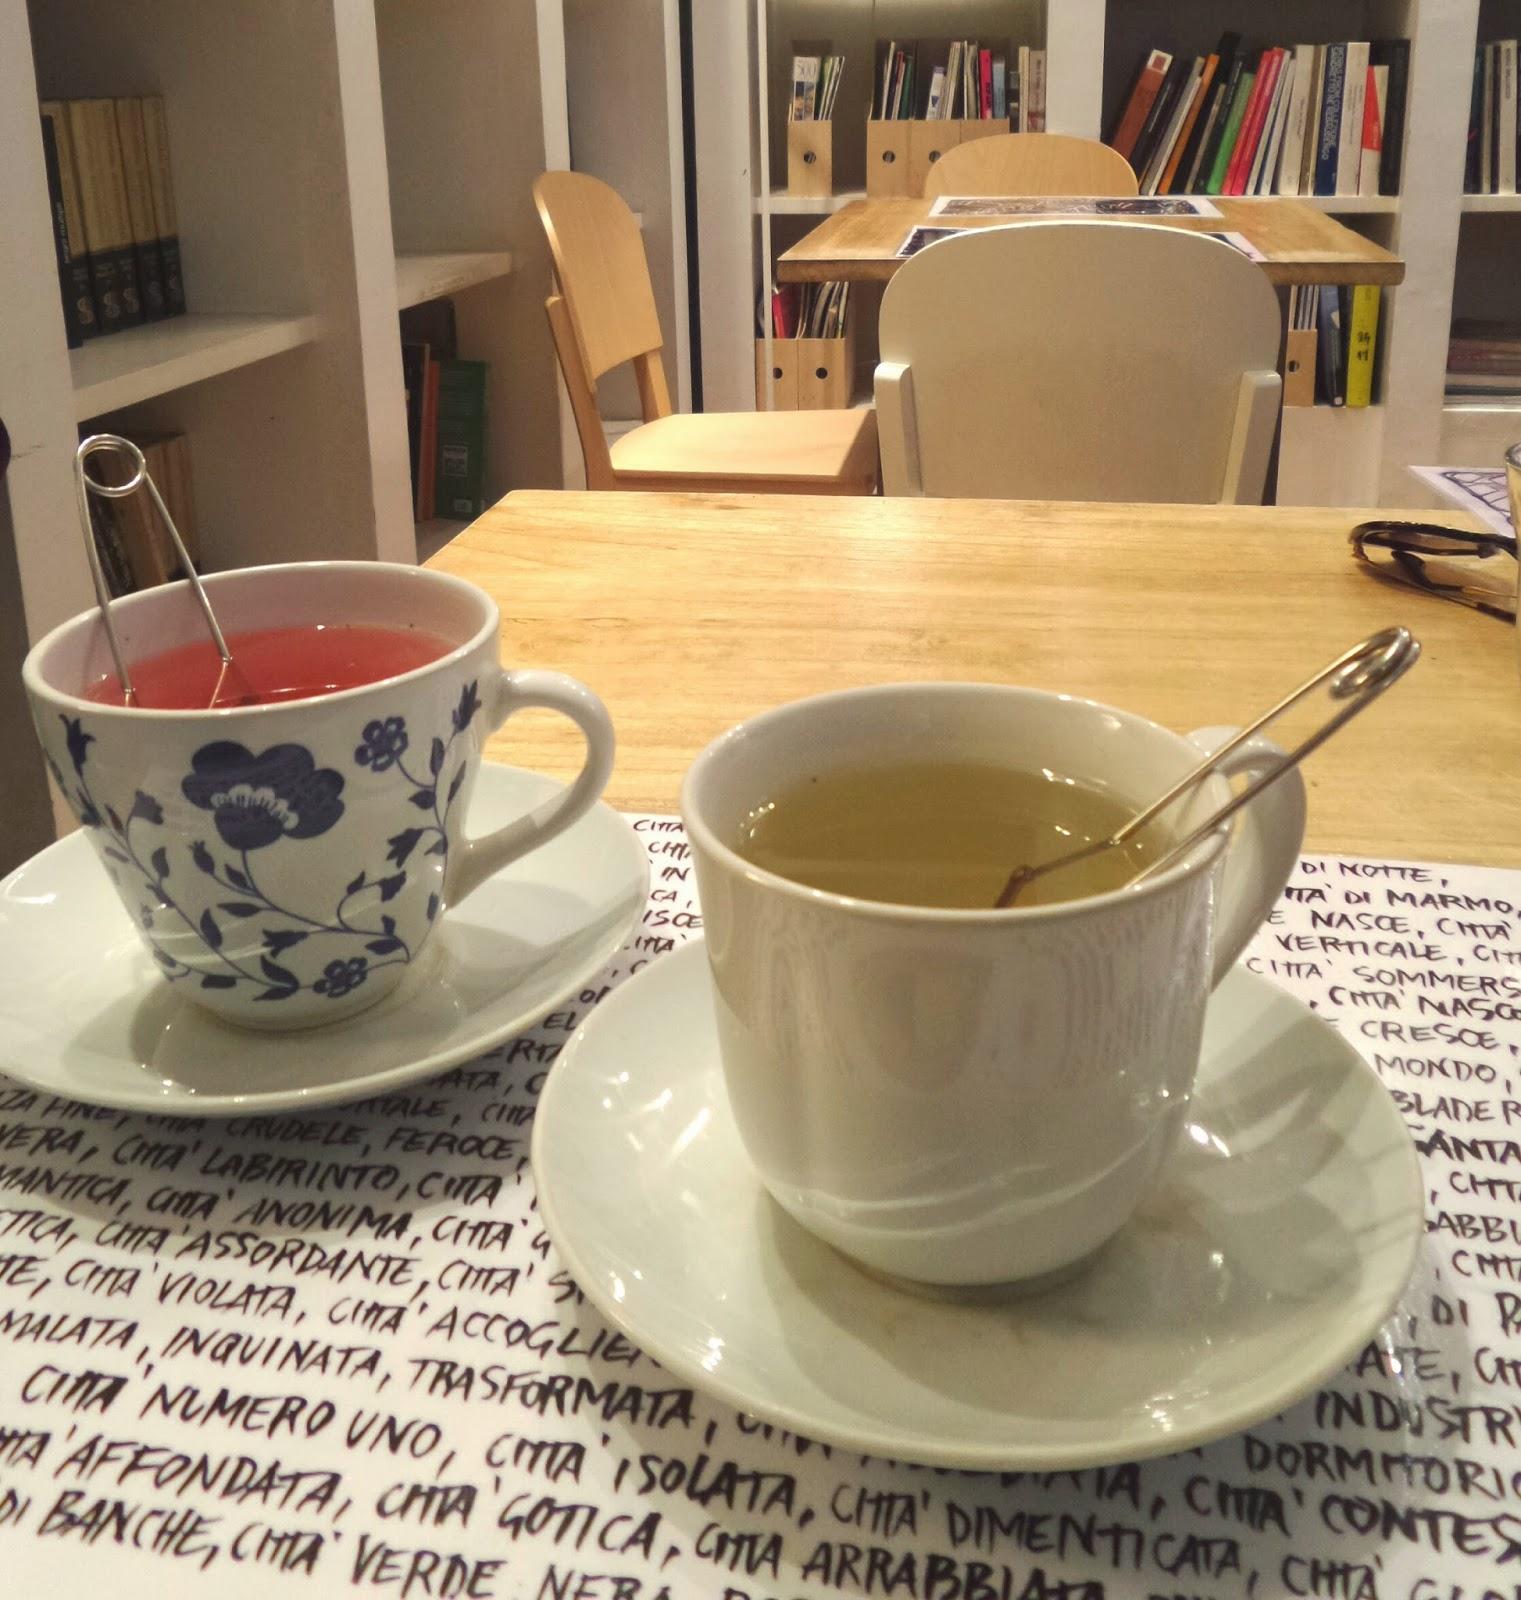 Libreria Brac - Firenze